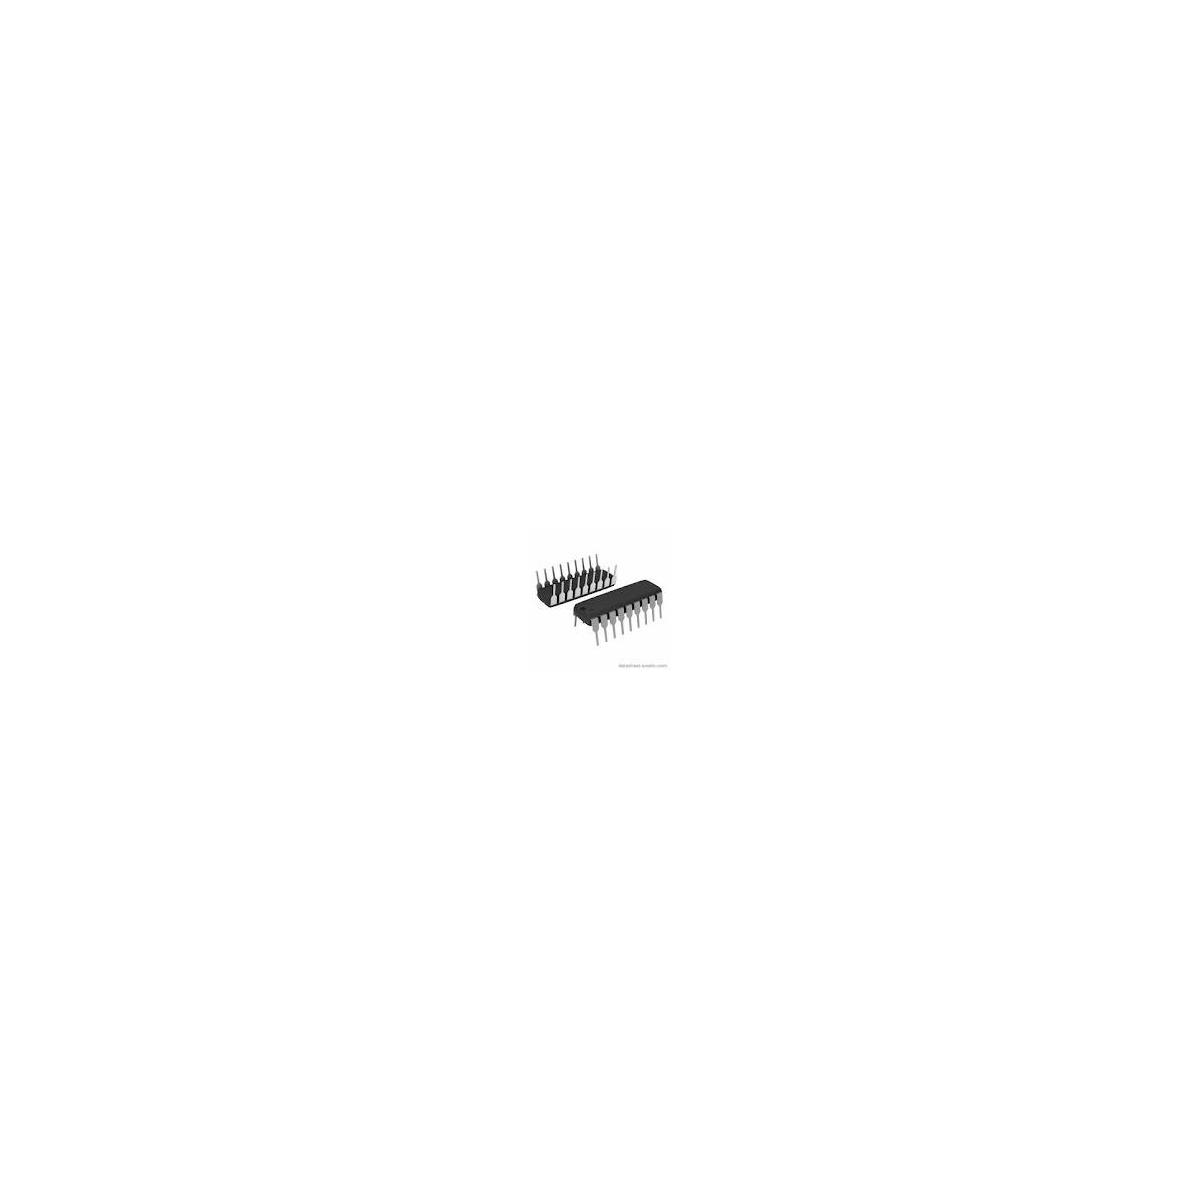 AD 7541 GP   (DIP-18)